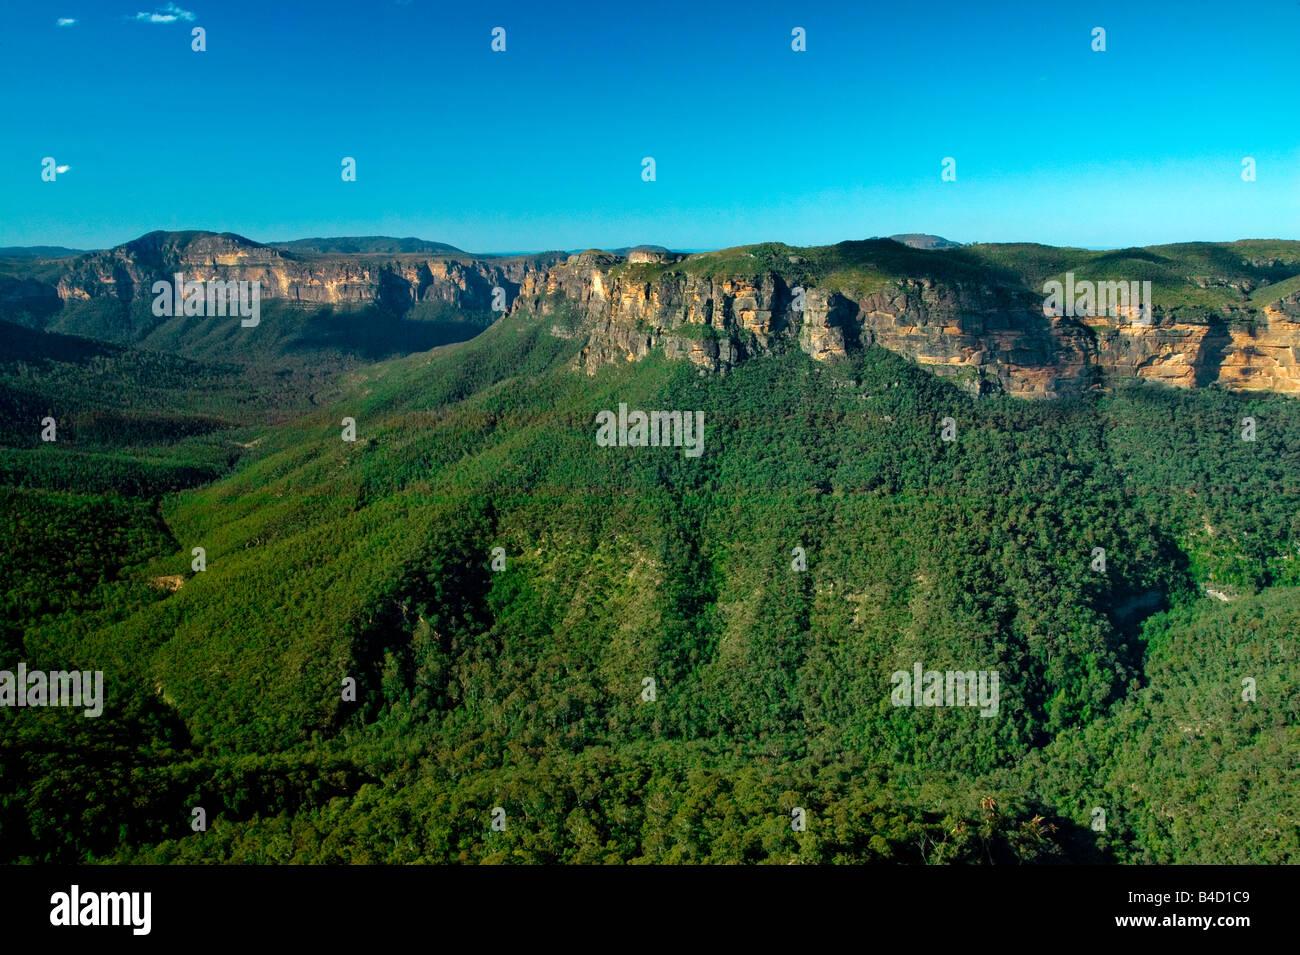 JAMISON VALLEY Blue Mountains NSW AUSTRALIA Immagini Stock